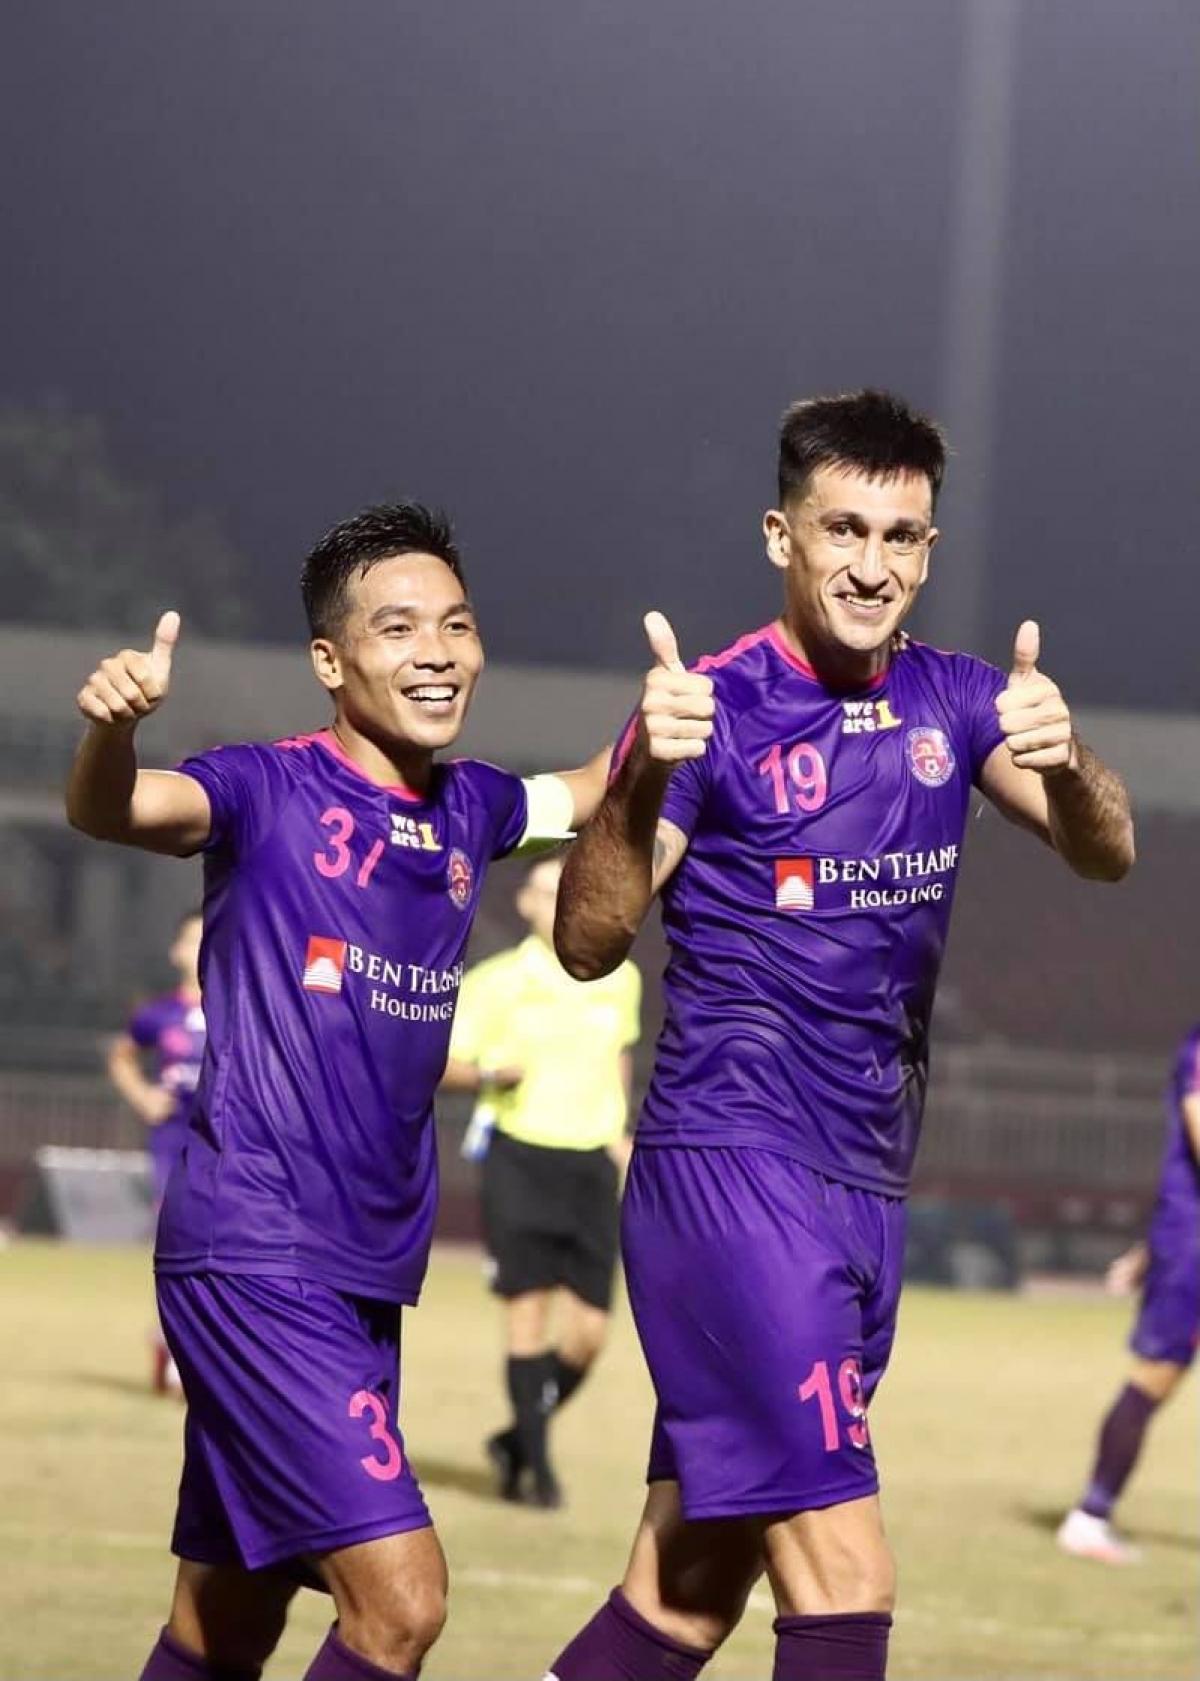 Sài Gòn FC đã có trận đấu ấn tượng khi đánh bại Hà Nội FC 3-1 trong trận mở màn giải Tứ hùng. (Ảnh: SGFC).